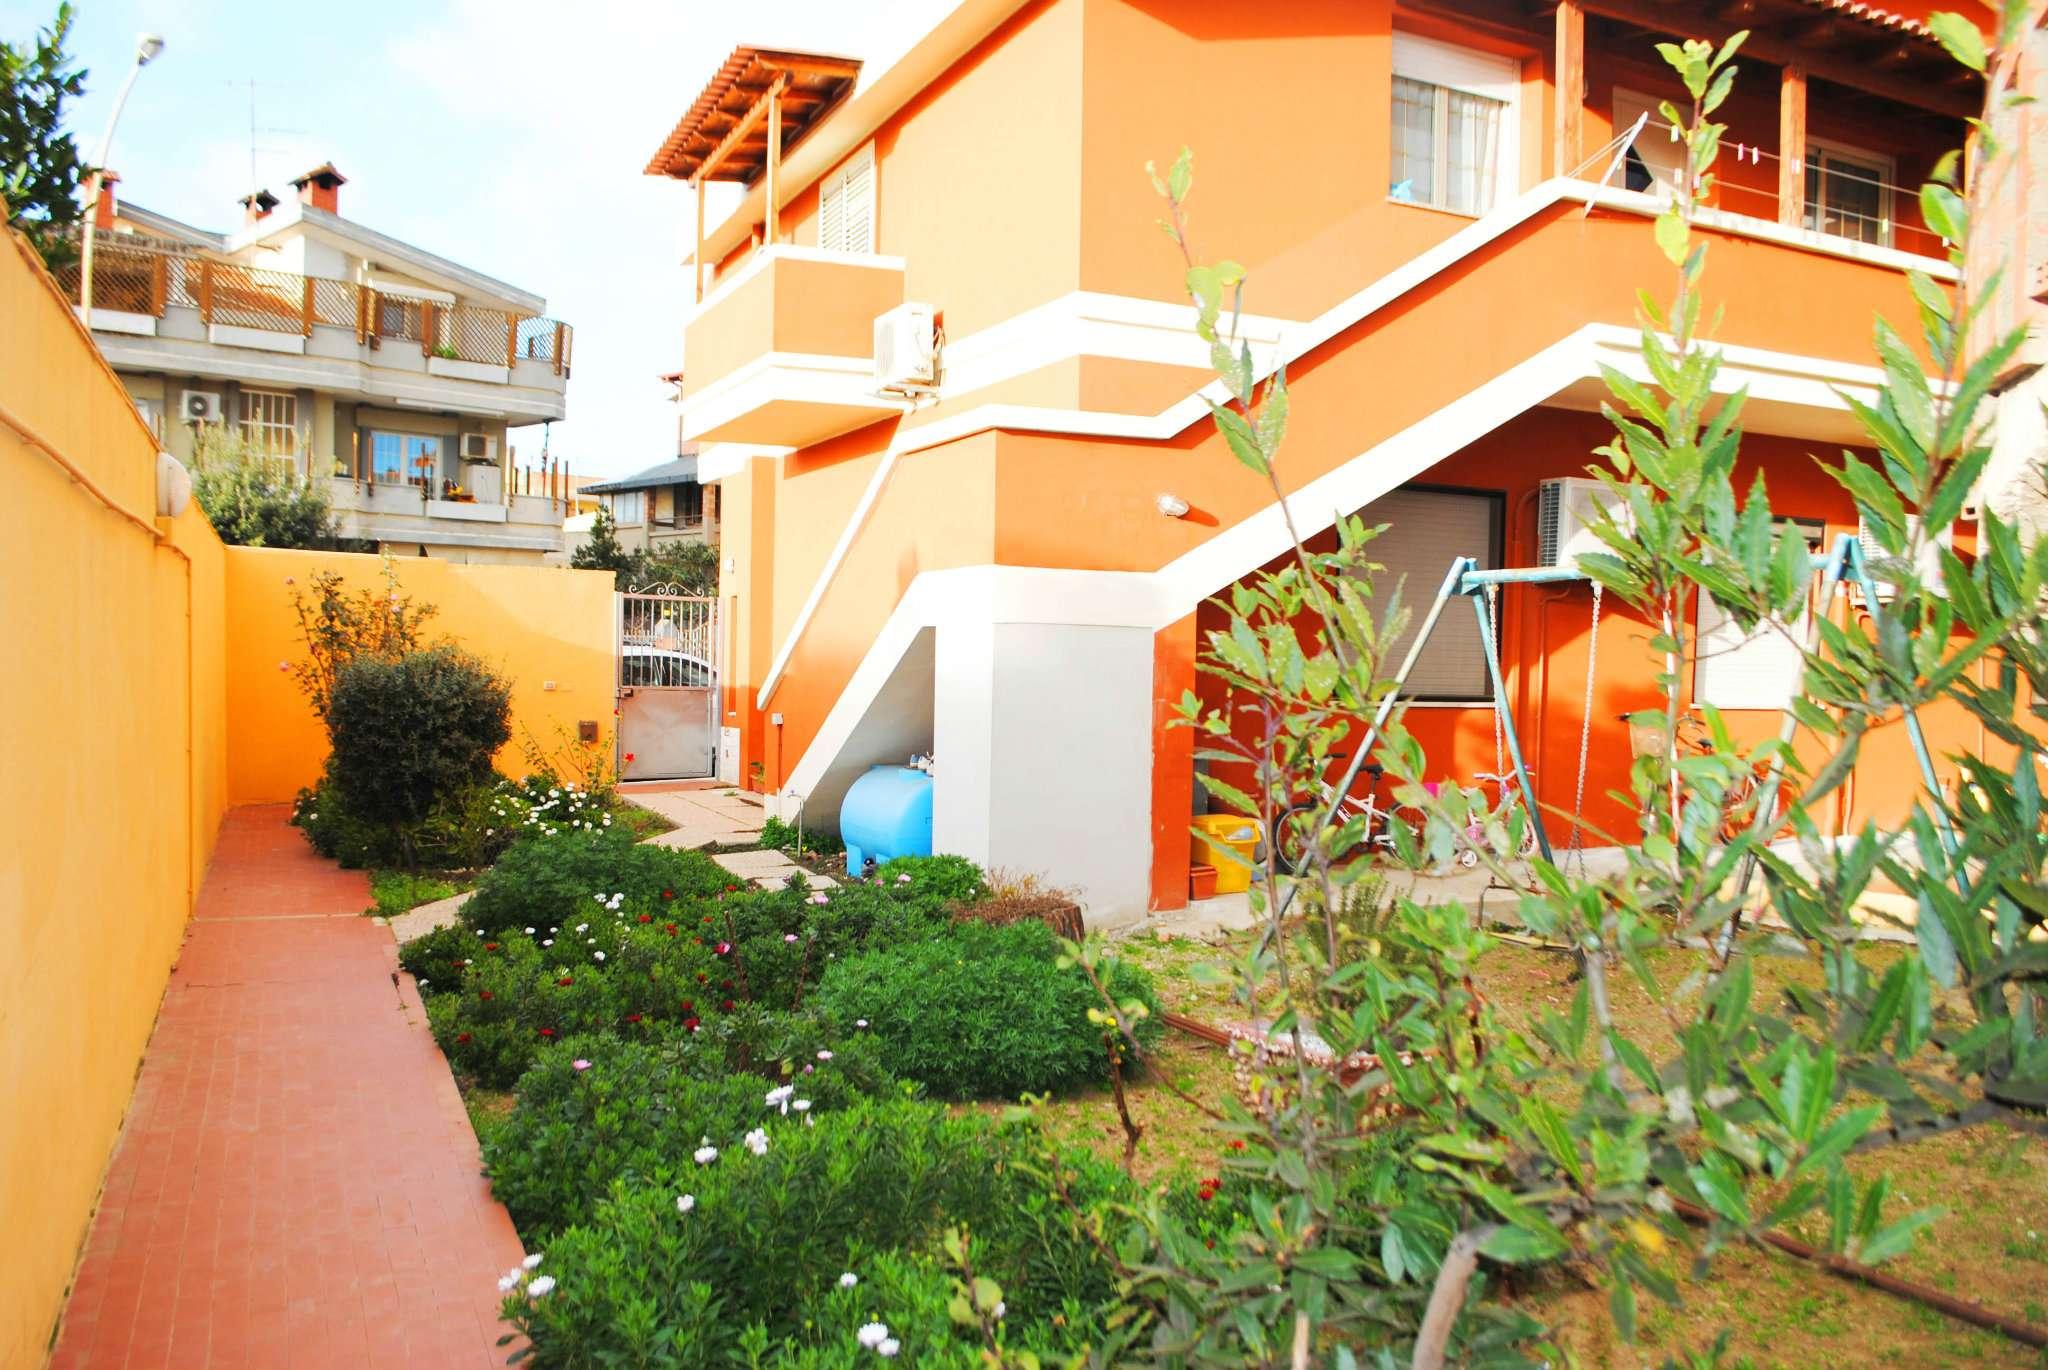 Appartamento in affitto a Sestu, 5 locali, prezzo € 550 | CambioCasa.it